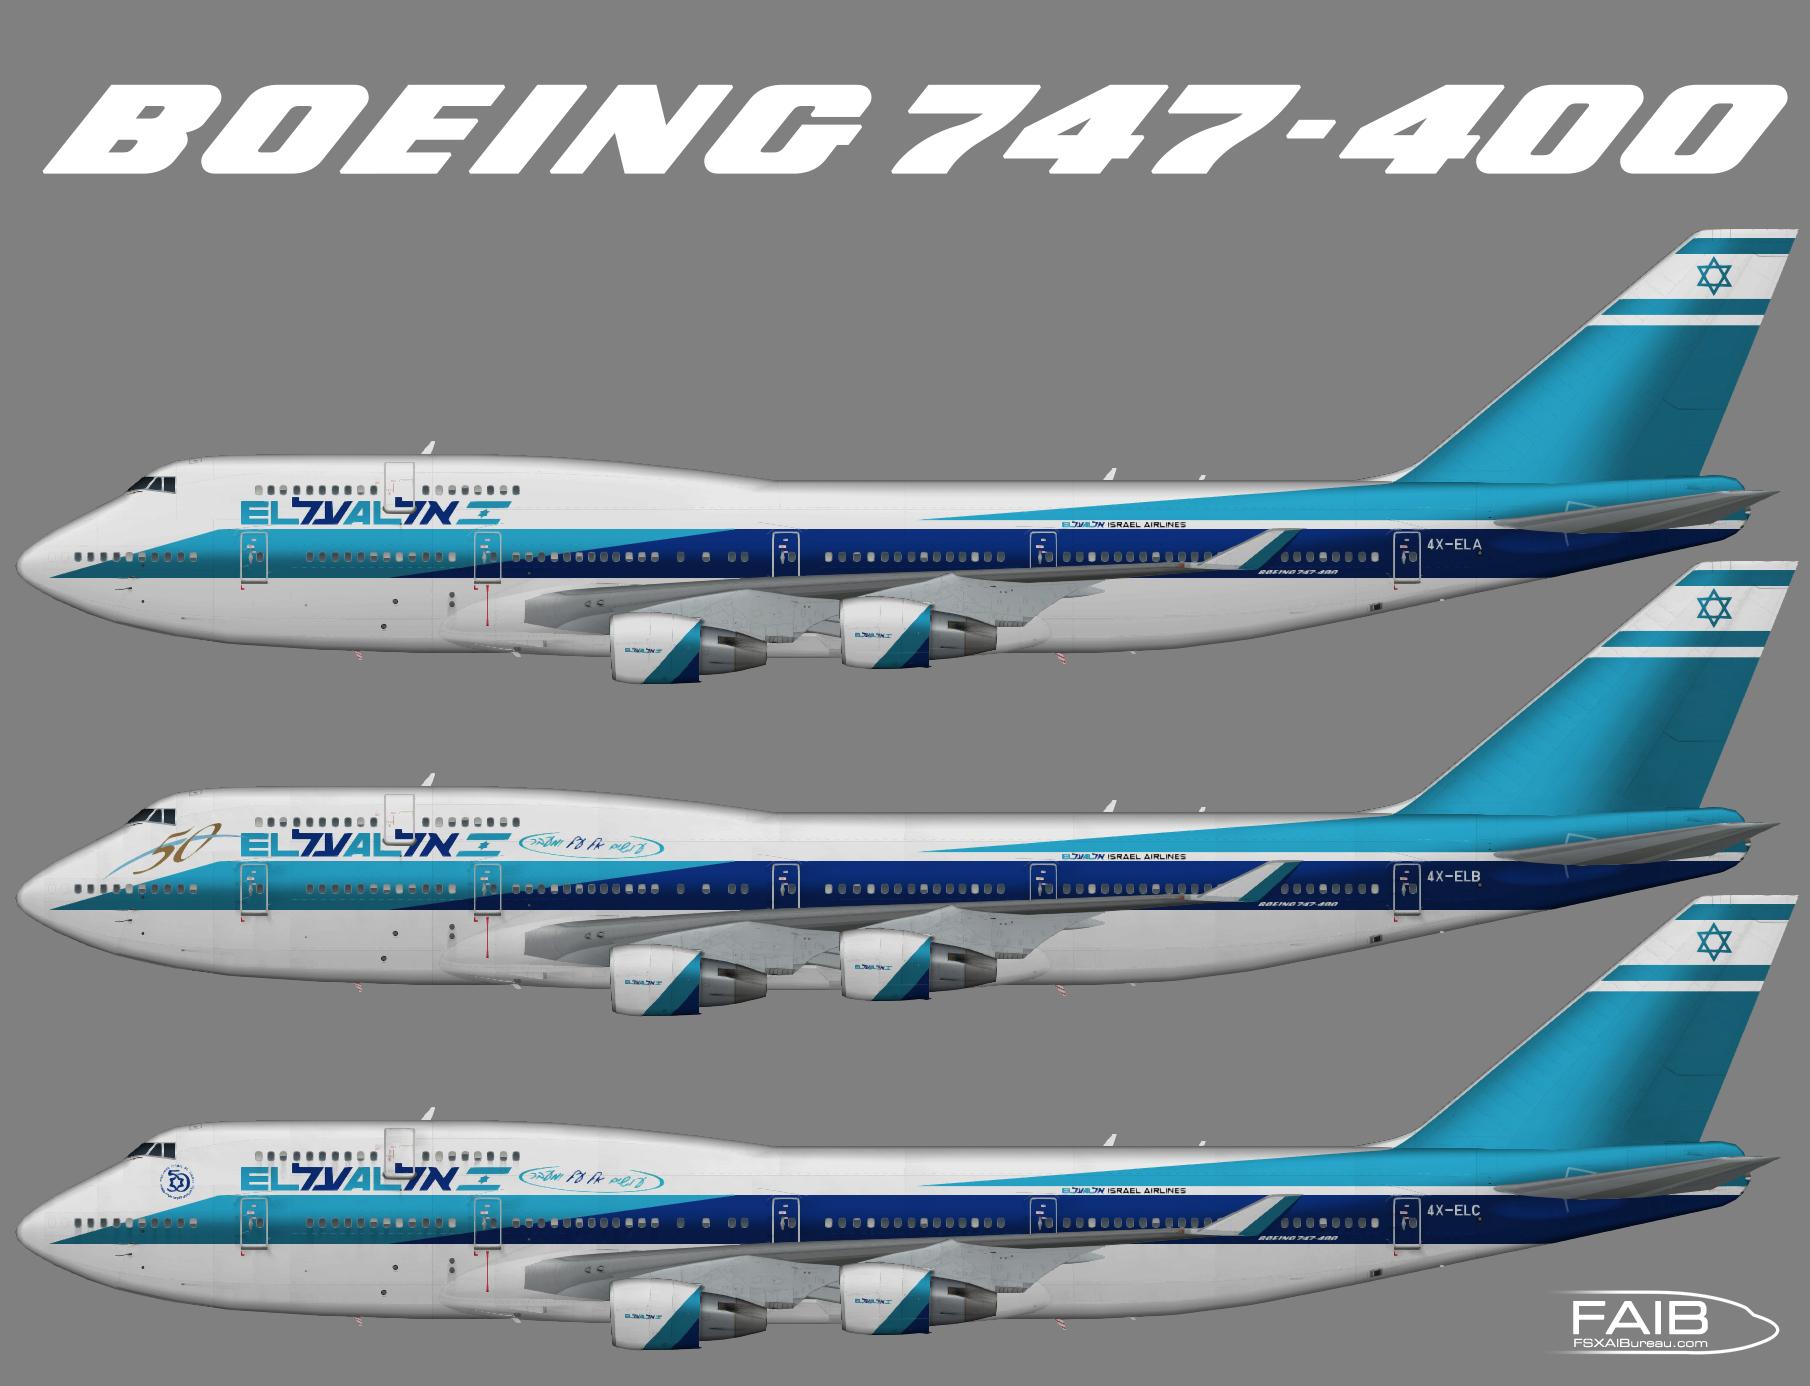 El Al Airlines Boeing 747-400